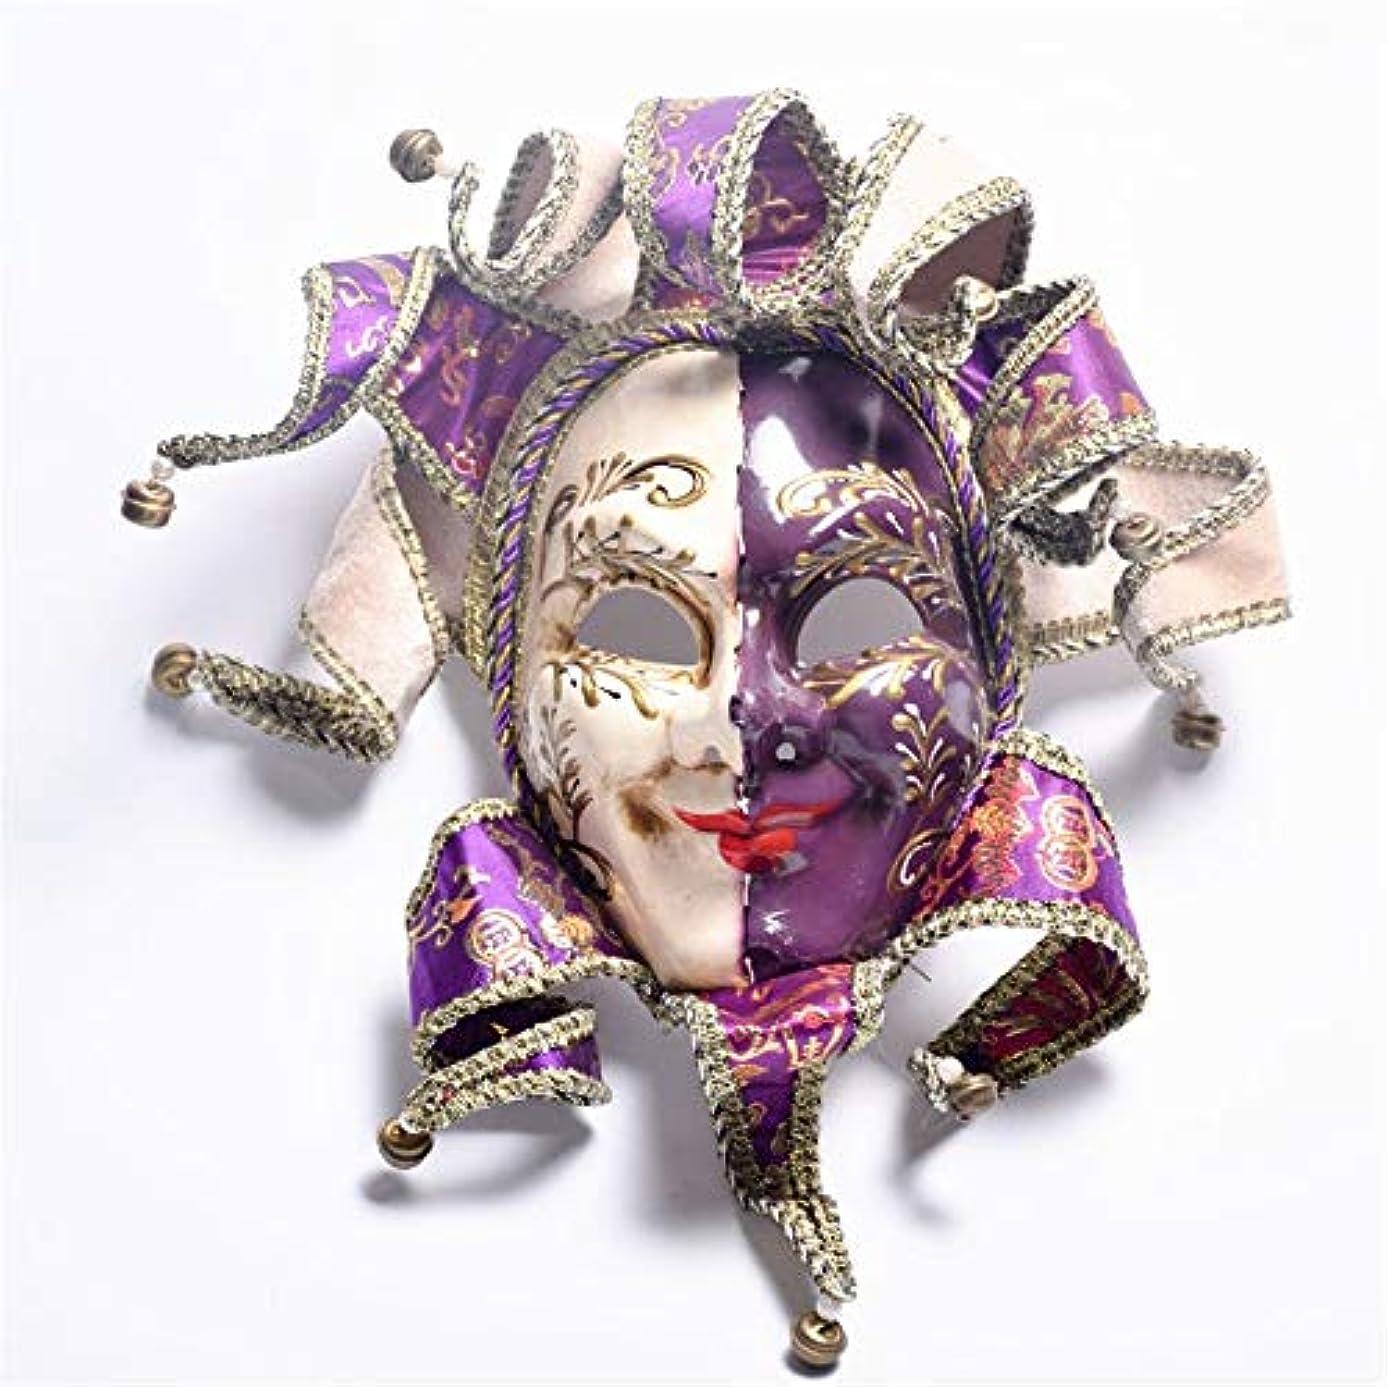 出力国旗関数ダンスマスク 塗装フルフェイスパフォーマンス小道具ハロウィンパーティー仮装祭りロールプレイナイトクラブパーティープラスチックマスク ホリデーパーティー用品 (色 : 紫の, サイズ : 50x36cm)